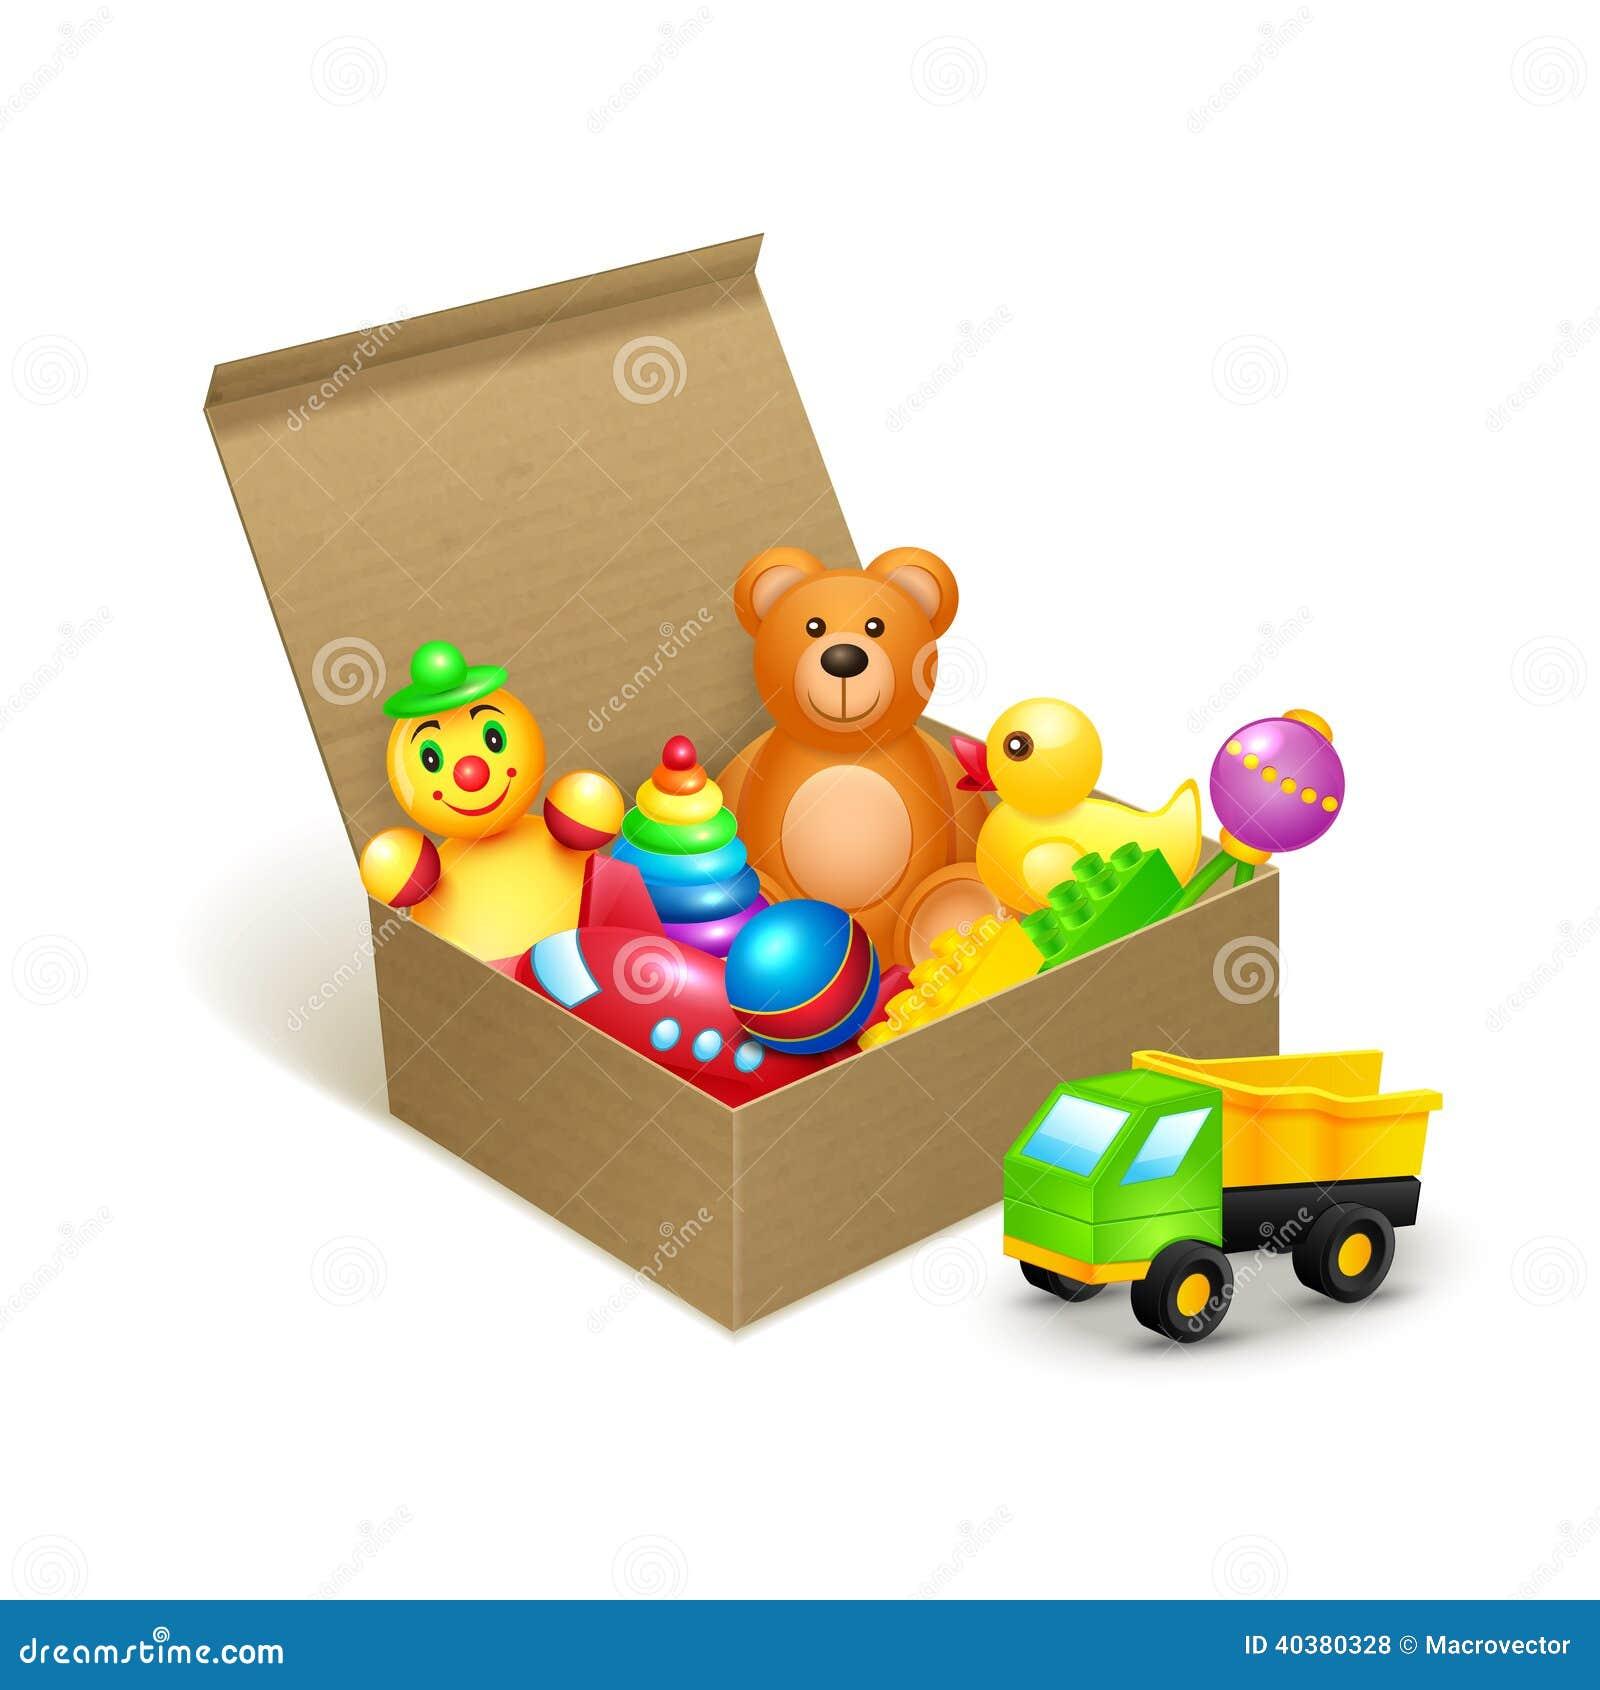 Emblema de la caja de juguetes ilustraci n del vector - Cajas para almacenar juguetes ...